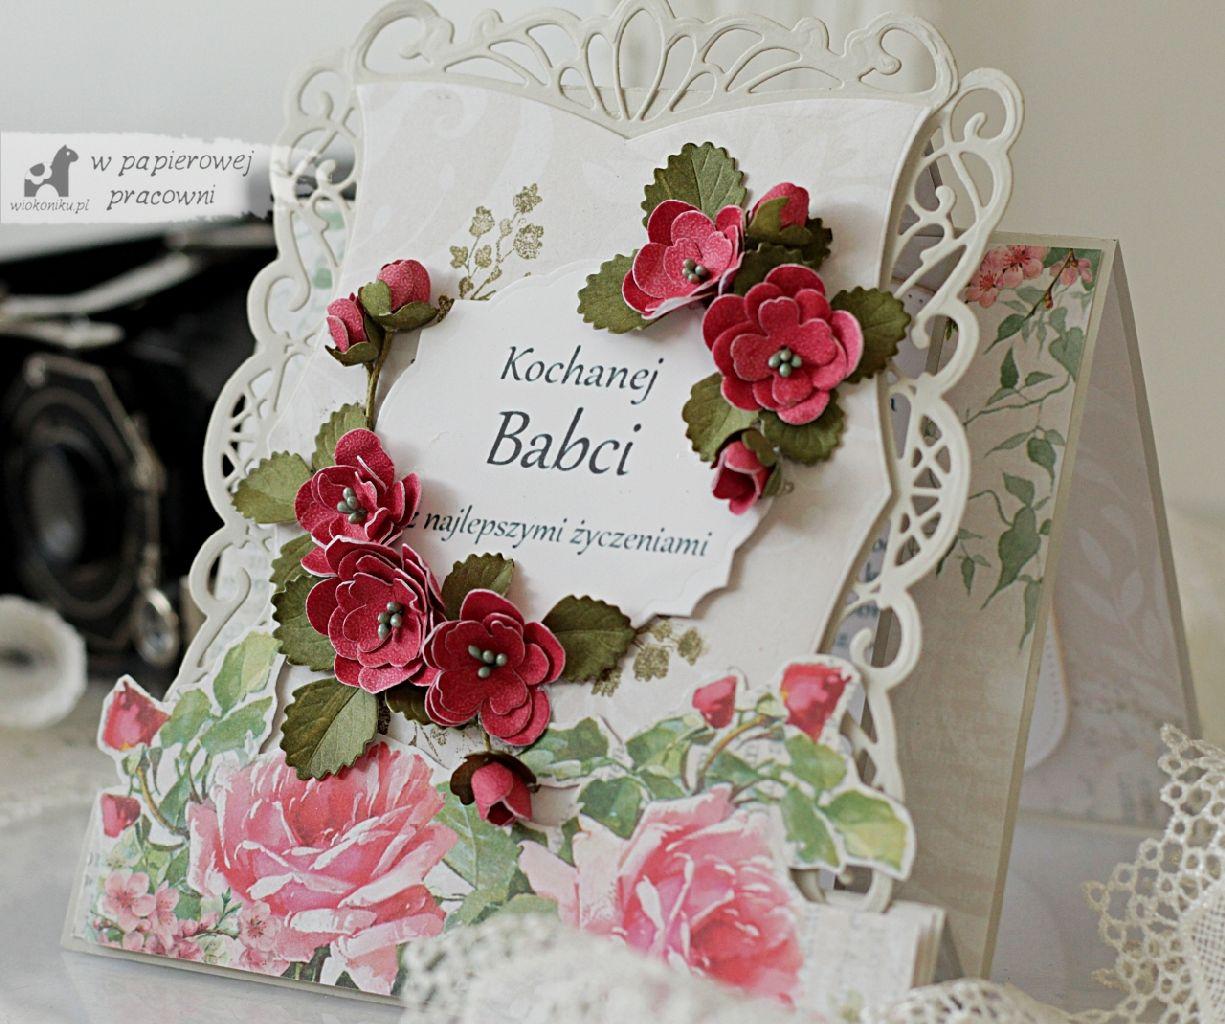 Nostalgiczna kartka z okazji Dnia Babci